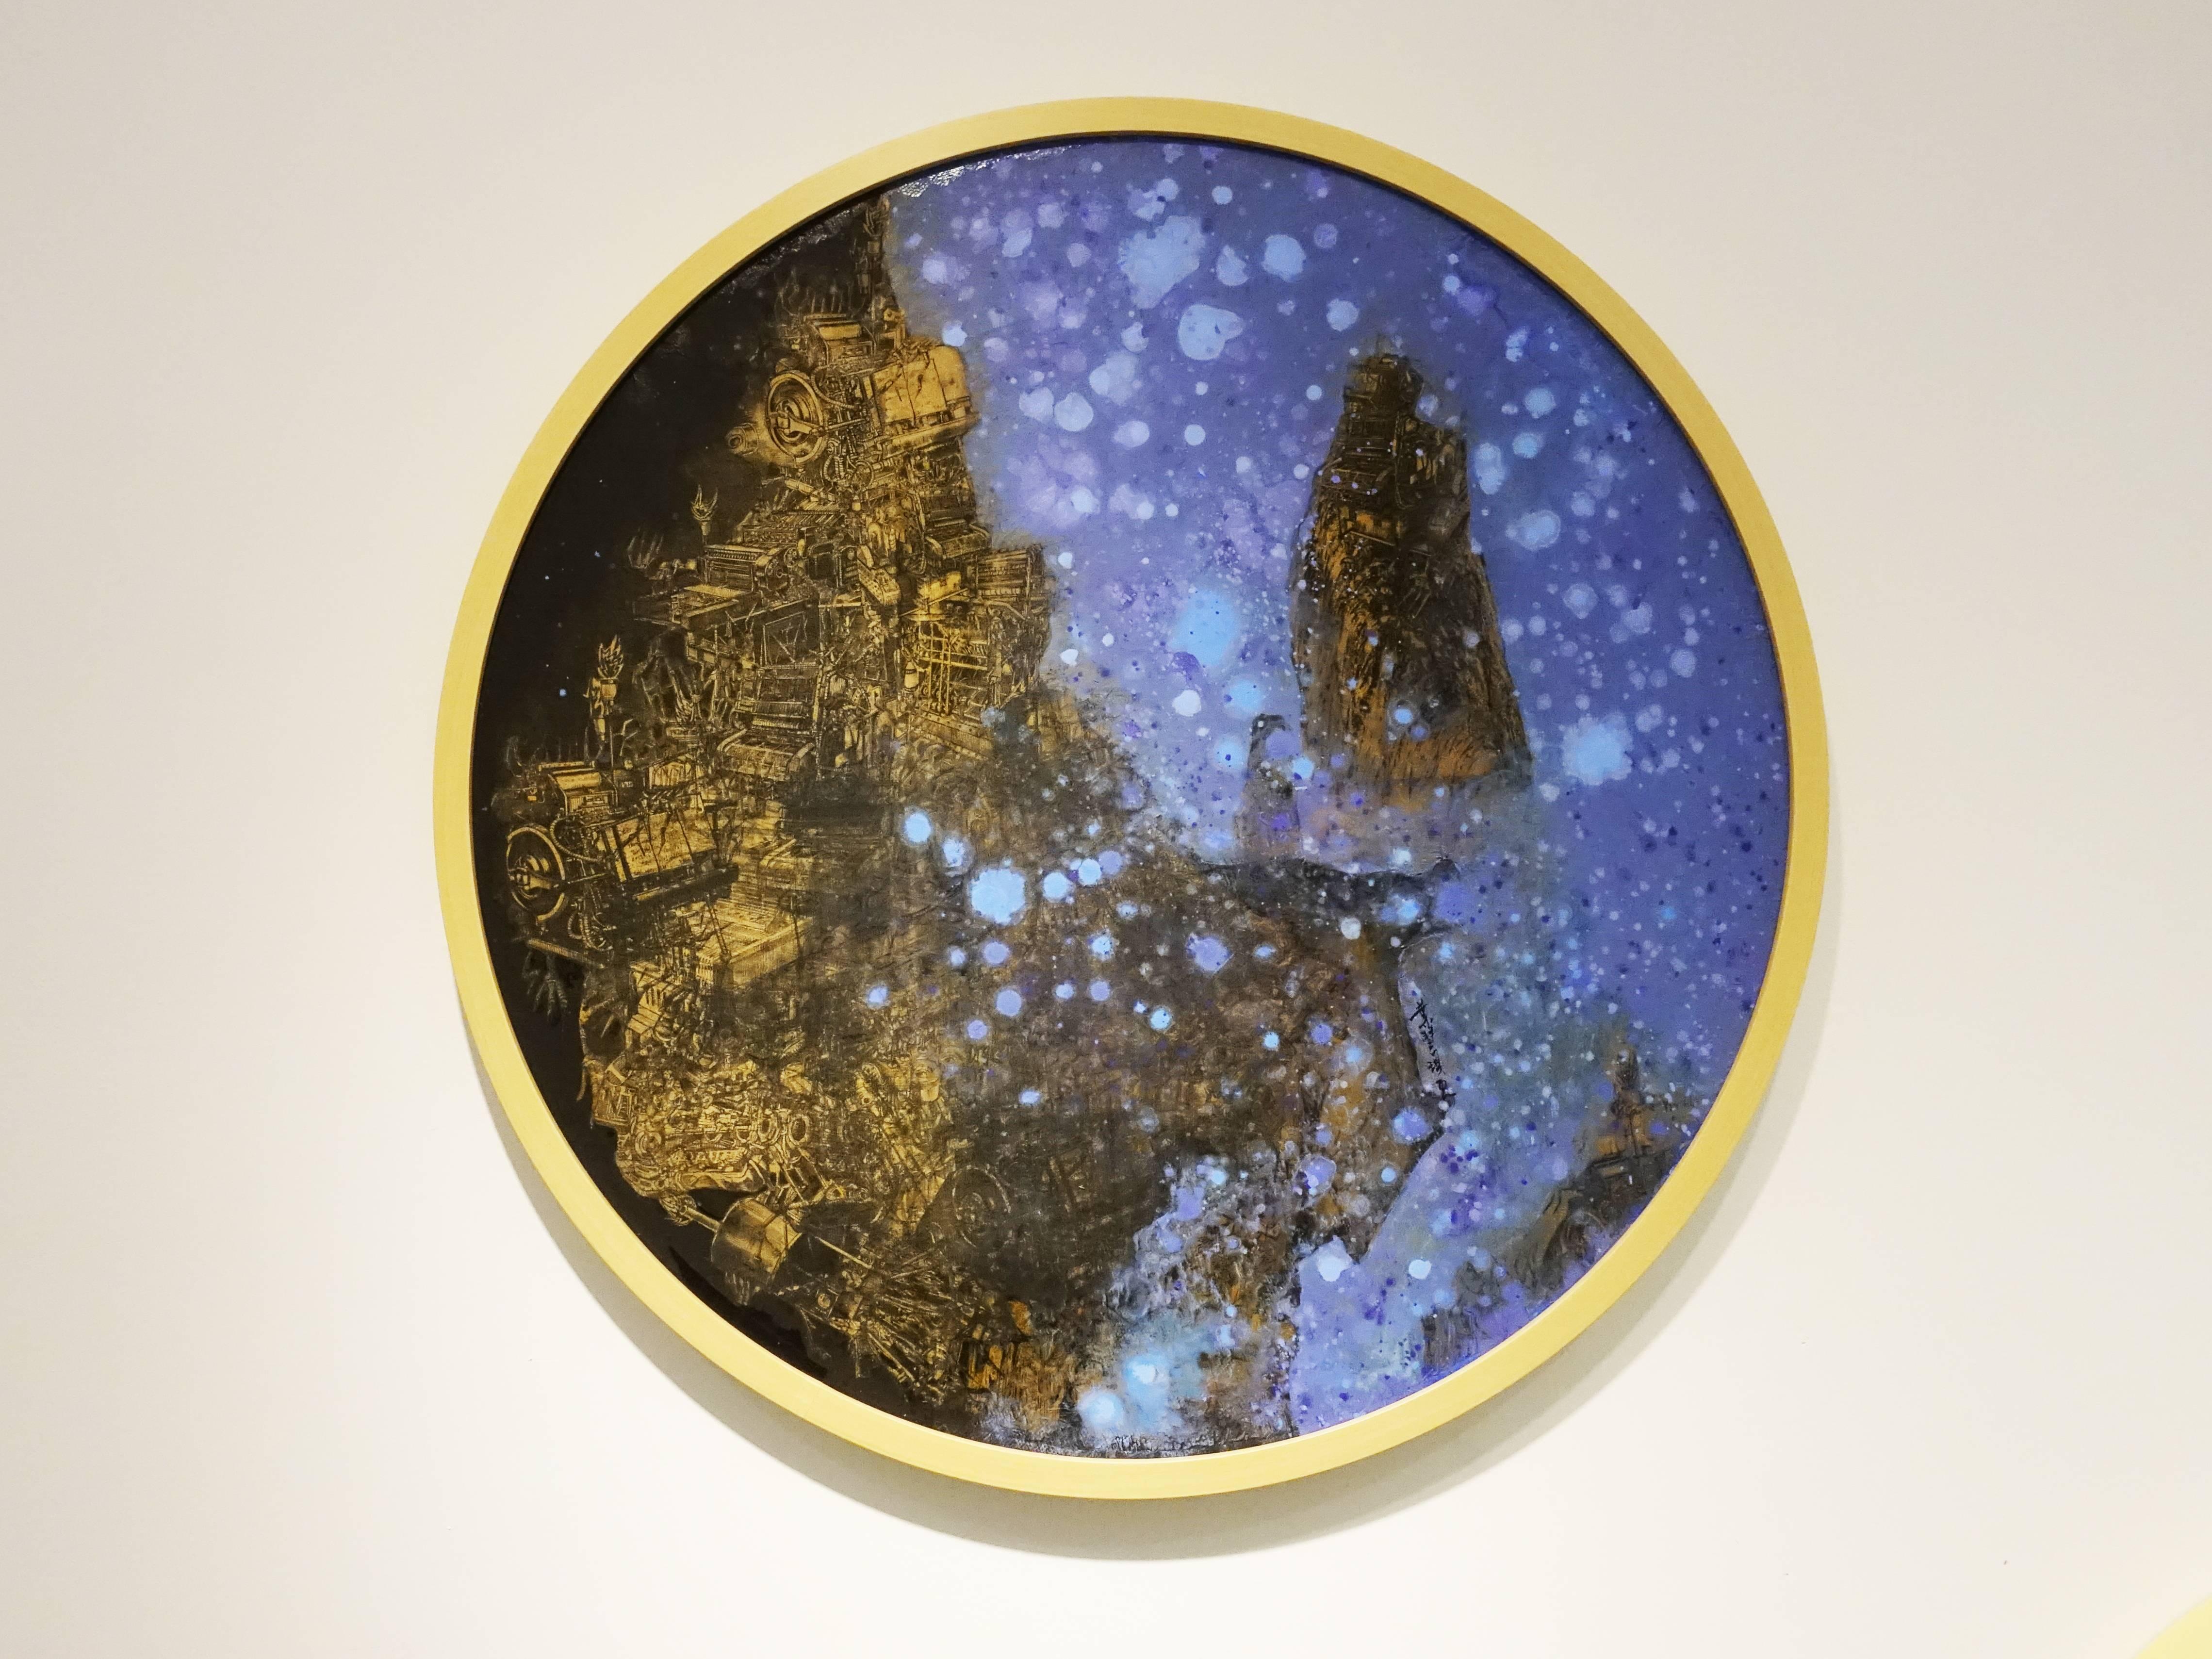 葉慧琪,《星夜》,60 x 60 cm,綜合媒材、絹布。